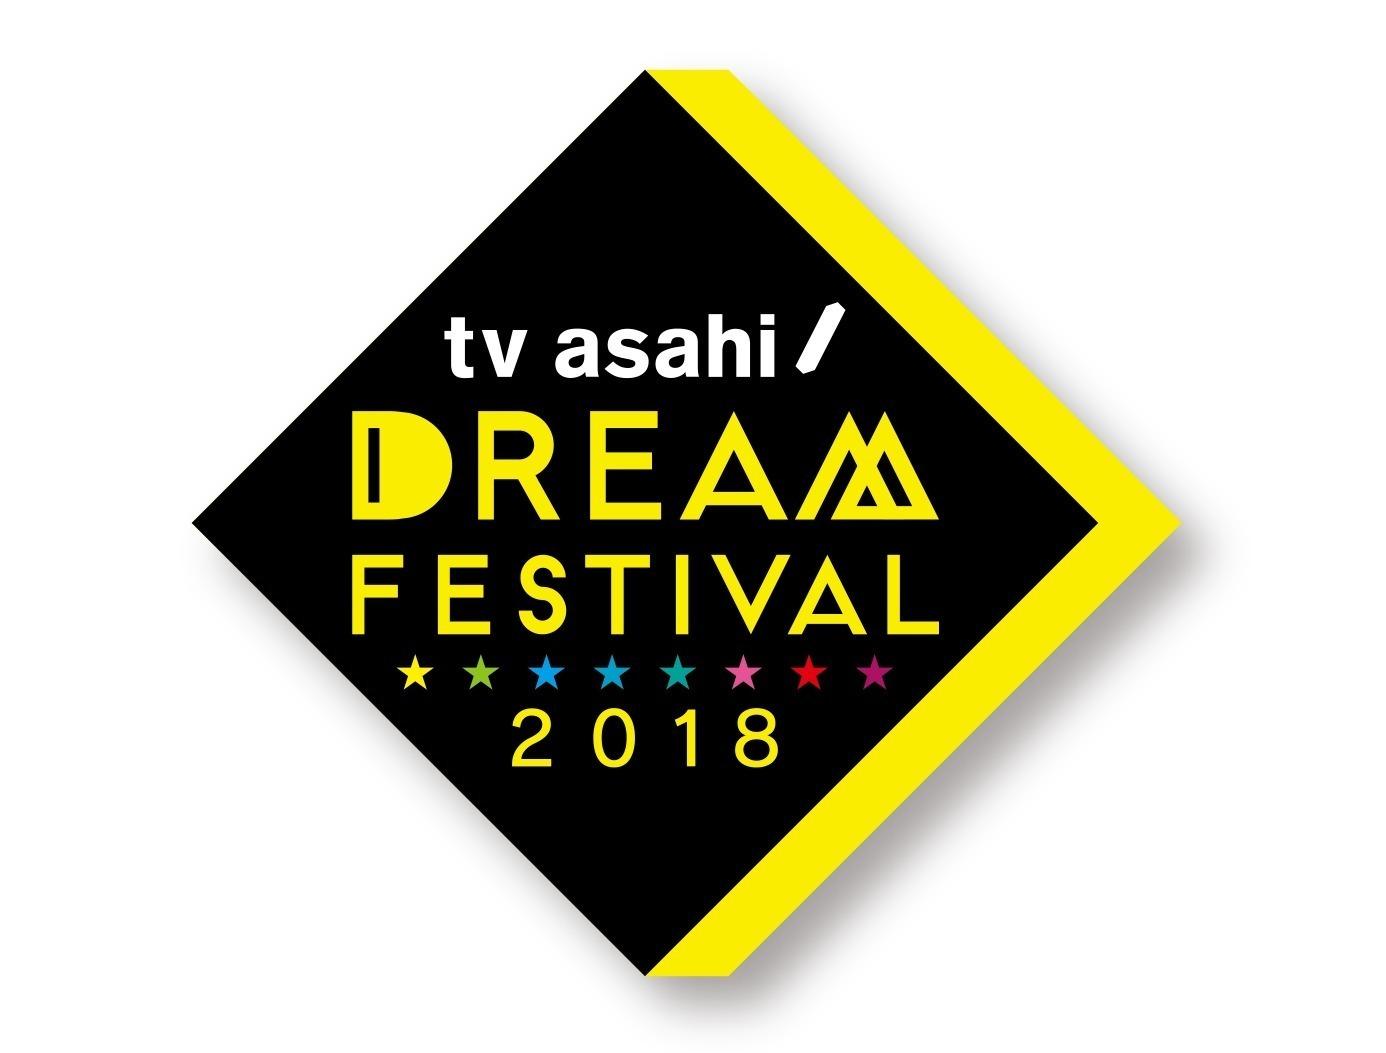 テレビ朝日ドリームフェスティバル 2018